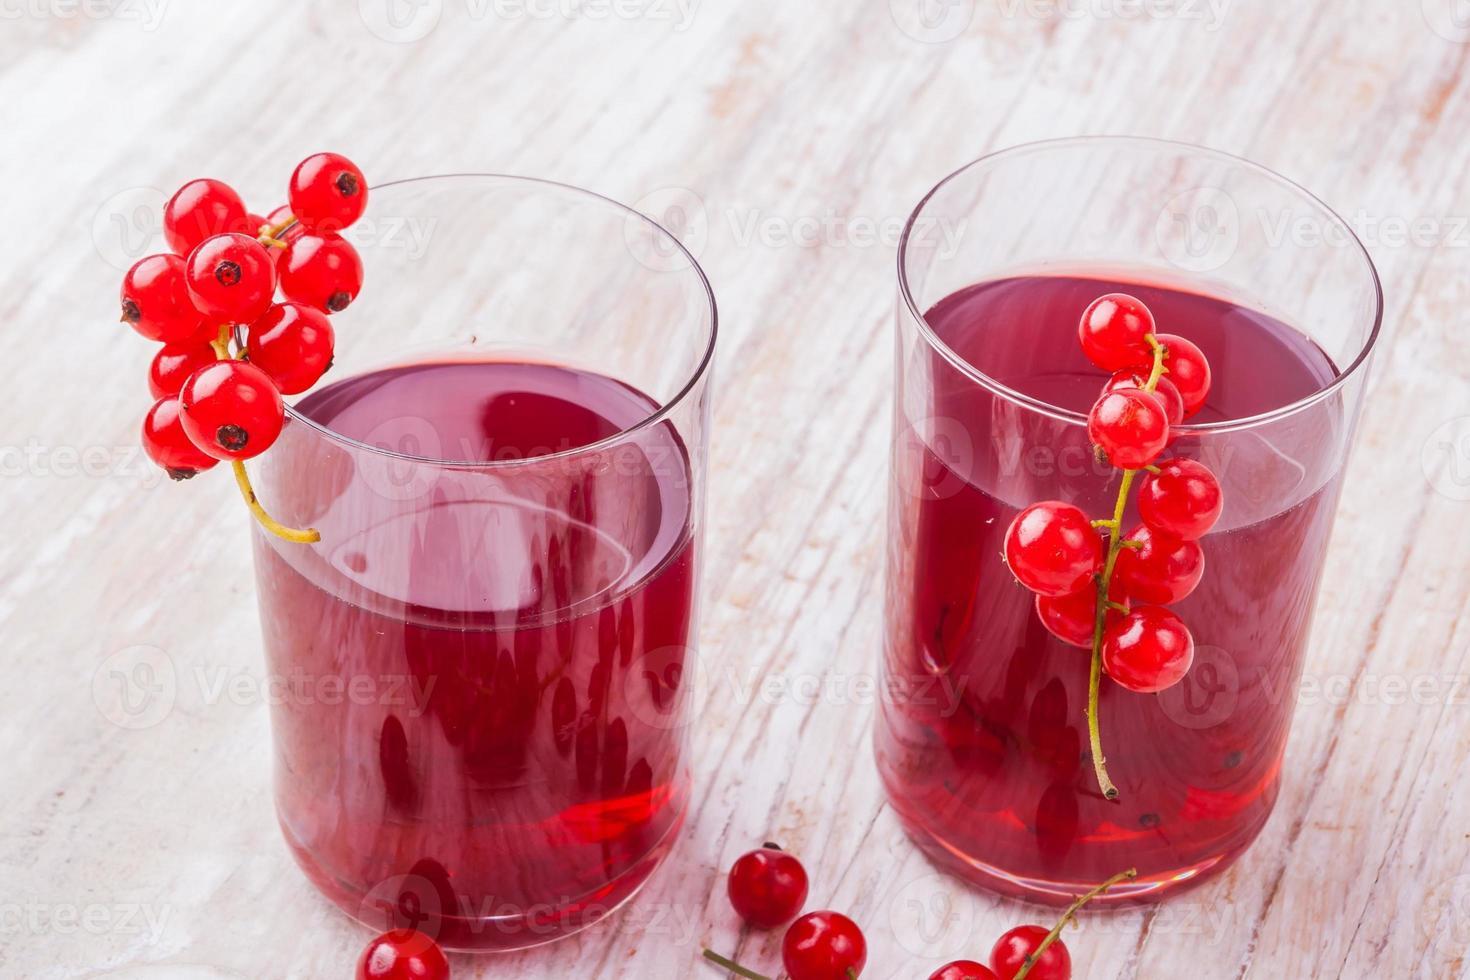 rode aalbessendrank in glassen foto